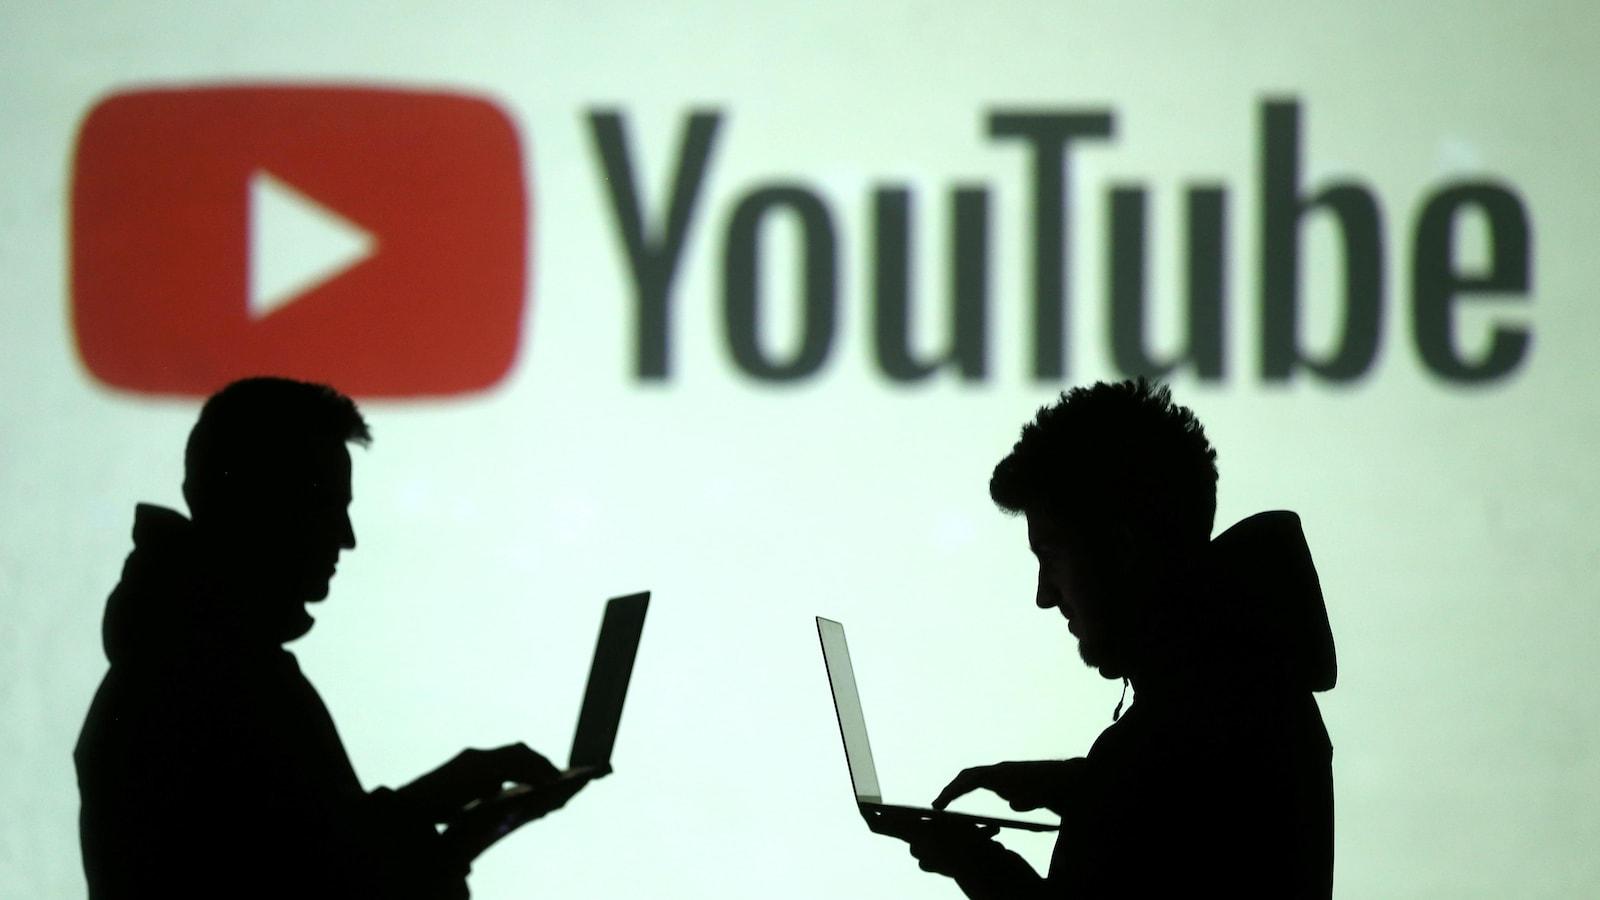 Des silhouettes de personnes utilisant des ordinateurs portables sont visibles devant un immense logo de l'entreprise YouTube.